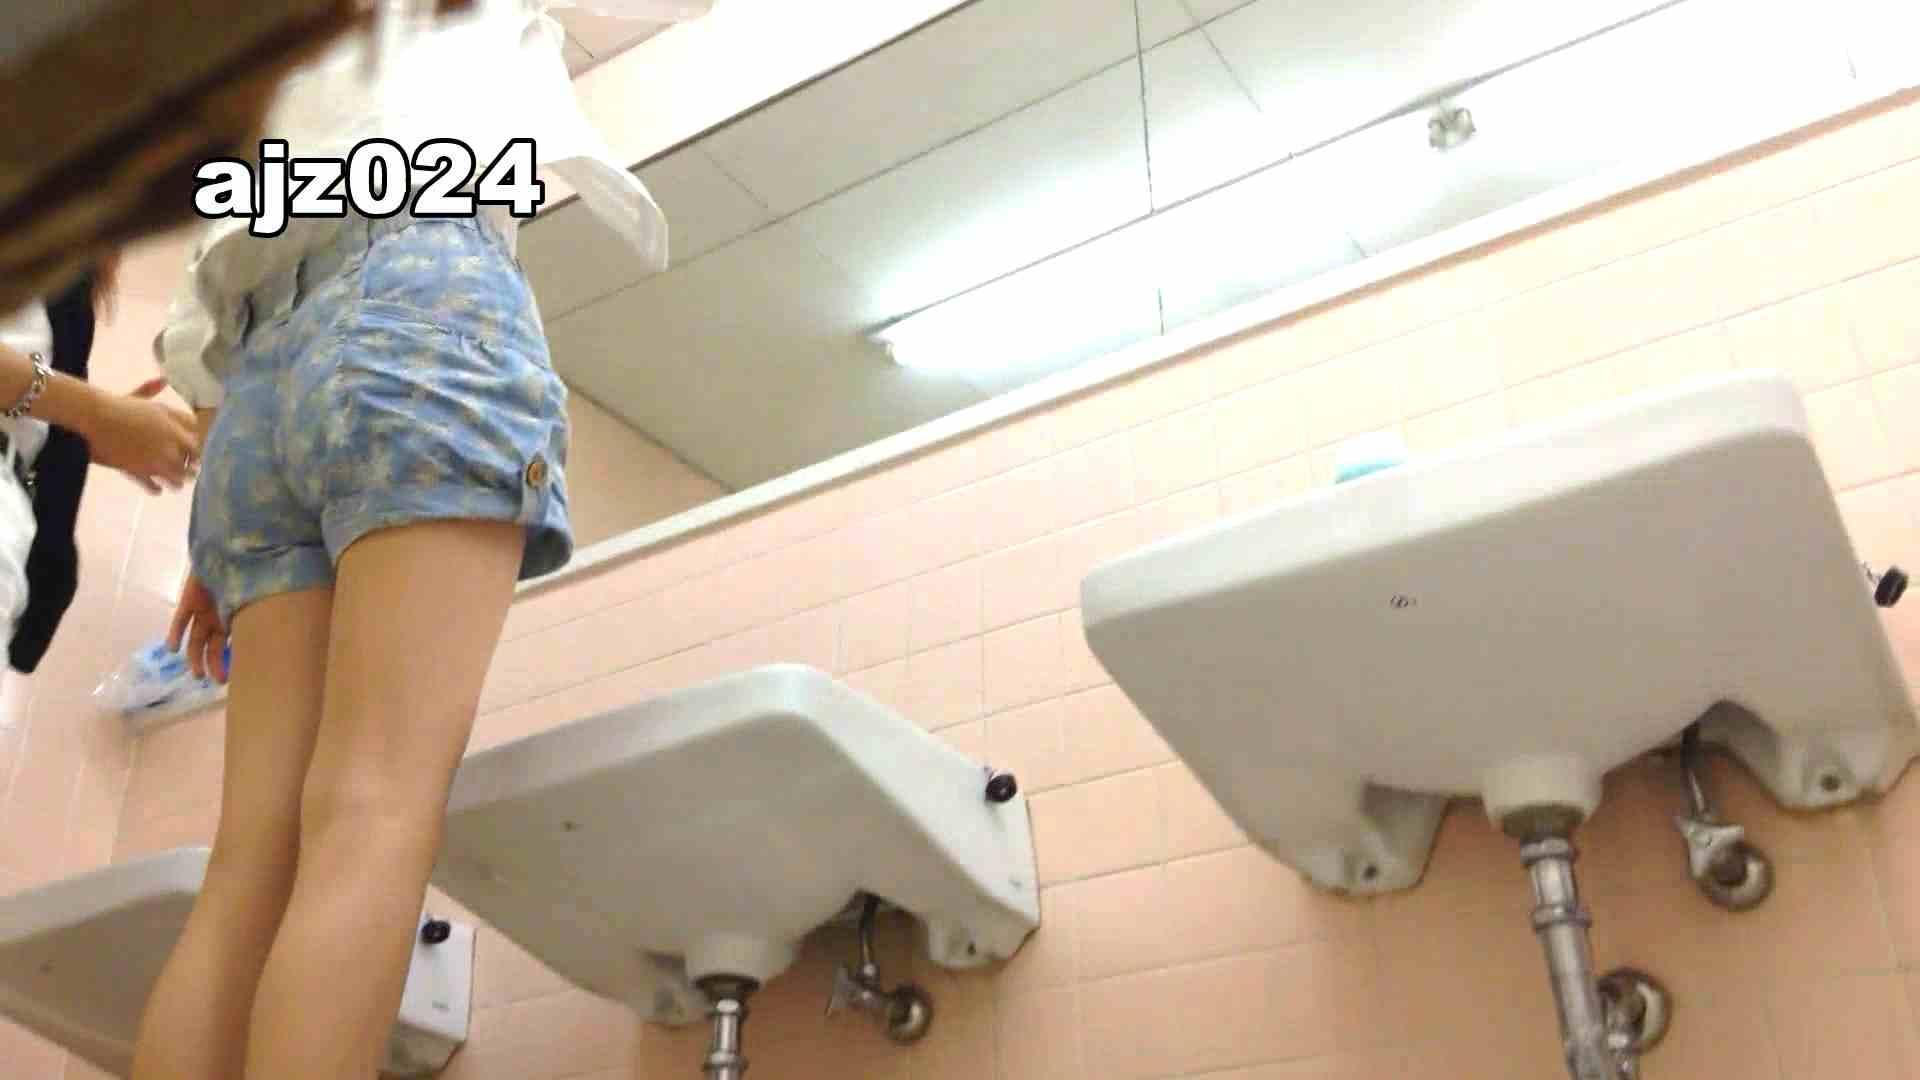 某有名大学女性洗面所 vol.24 洗面所 AV無料動画キャプチャ 56PIX 56